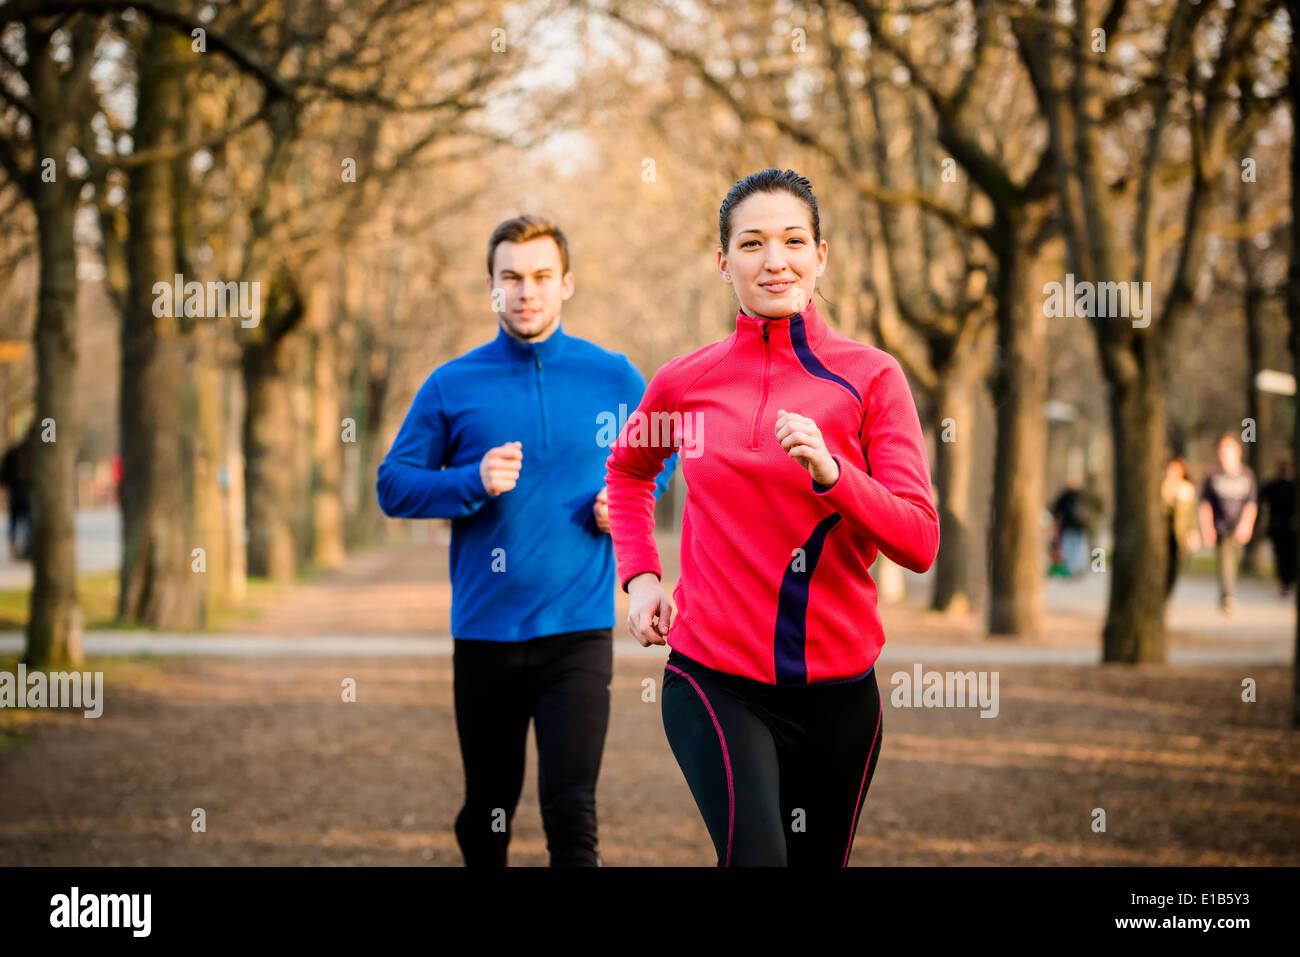 Footing - Pareja joven y mujer que compite, en primer lugar, la mujer Imagen De Stock